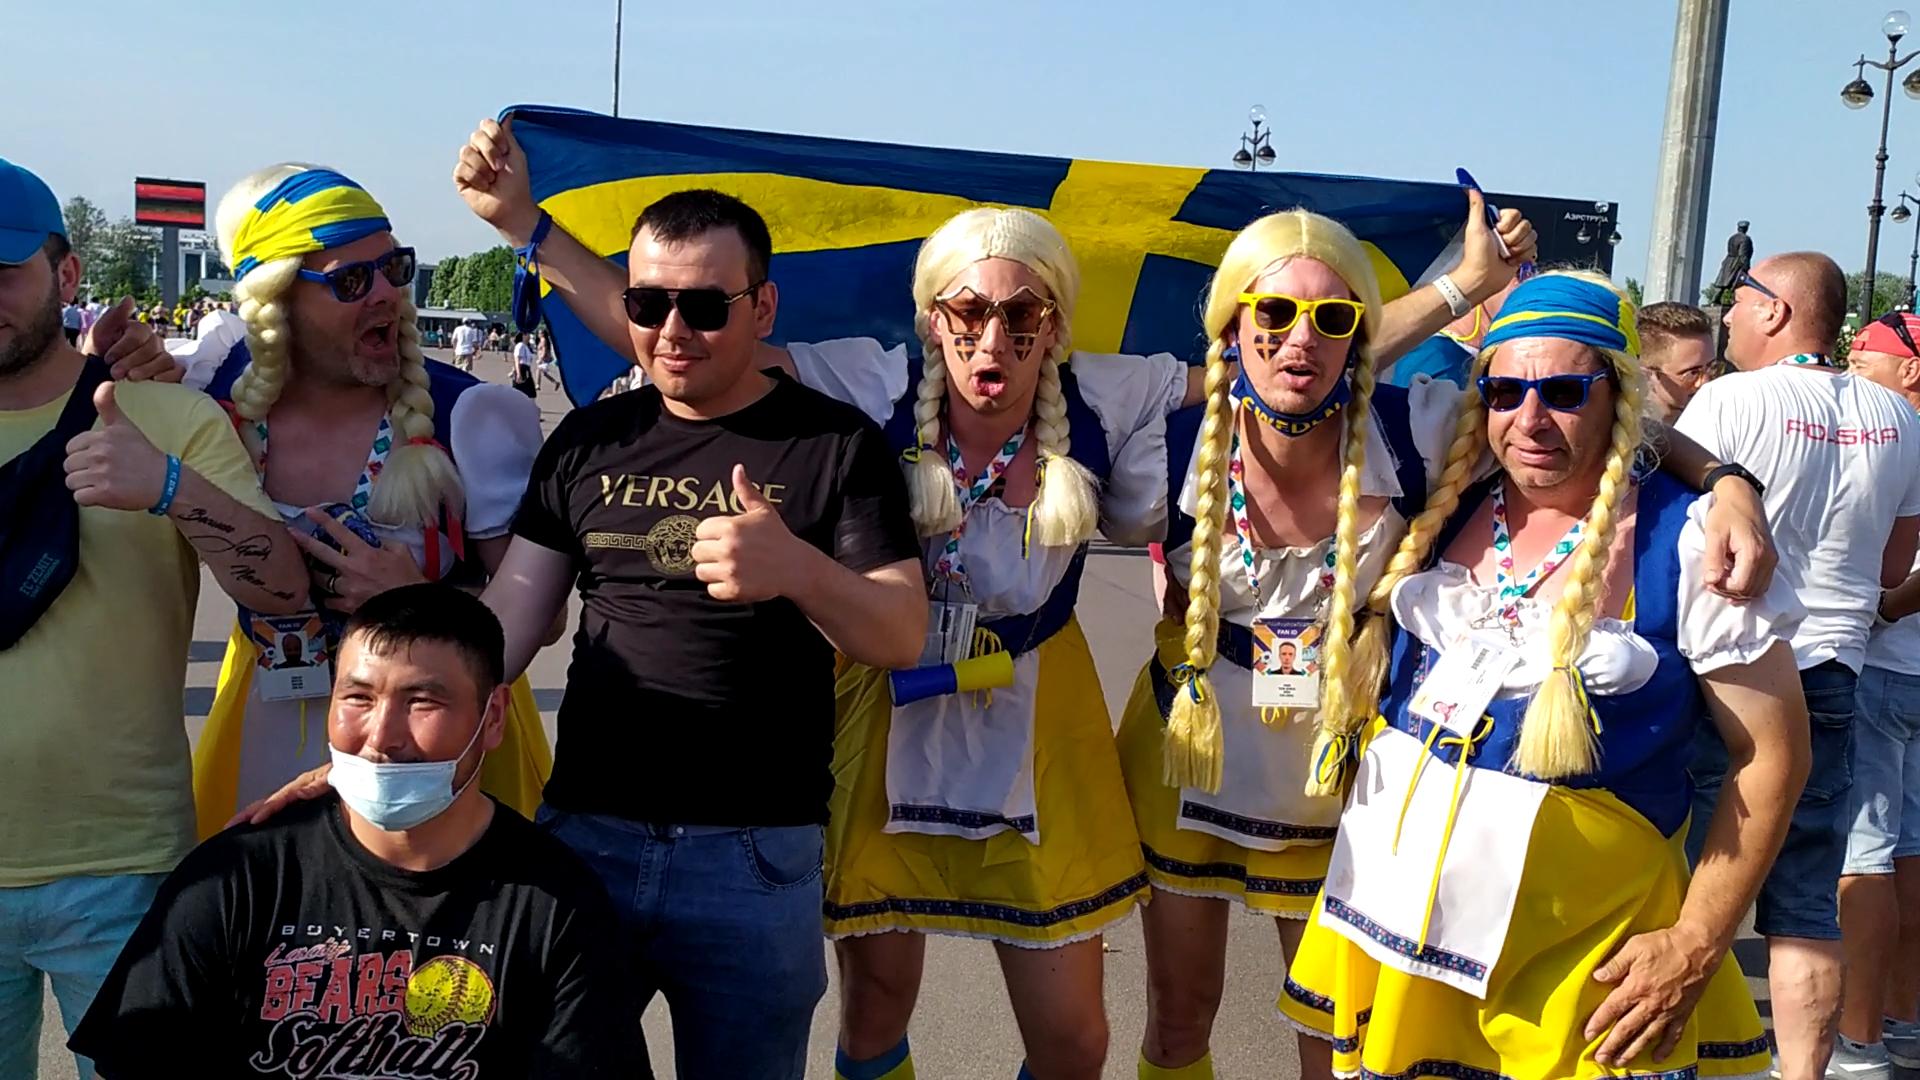 Калинка-малинка, пляски и кричалки: Фанаты Швеции и Польши устроили праздник футбола в Петербурге перед матчем Евро-2020